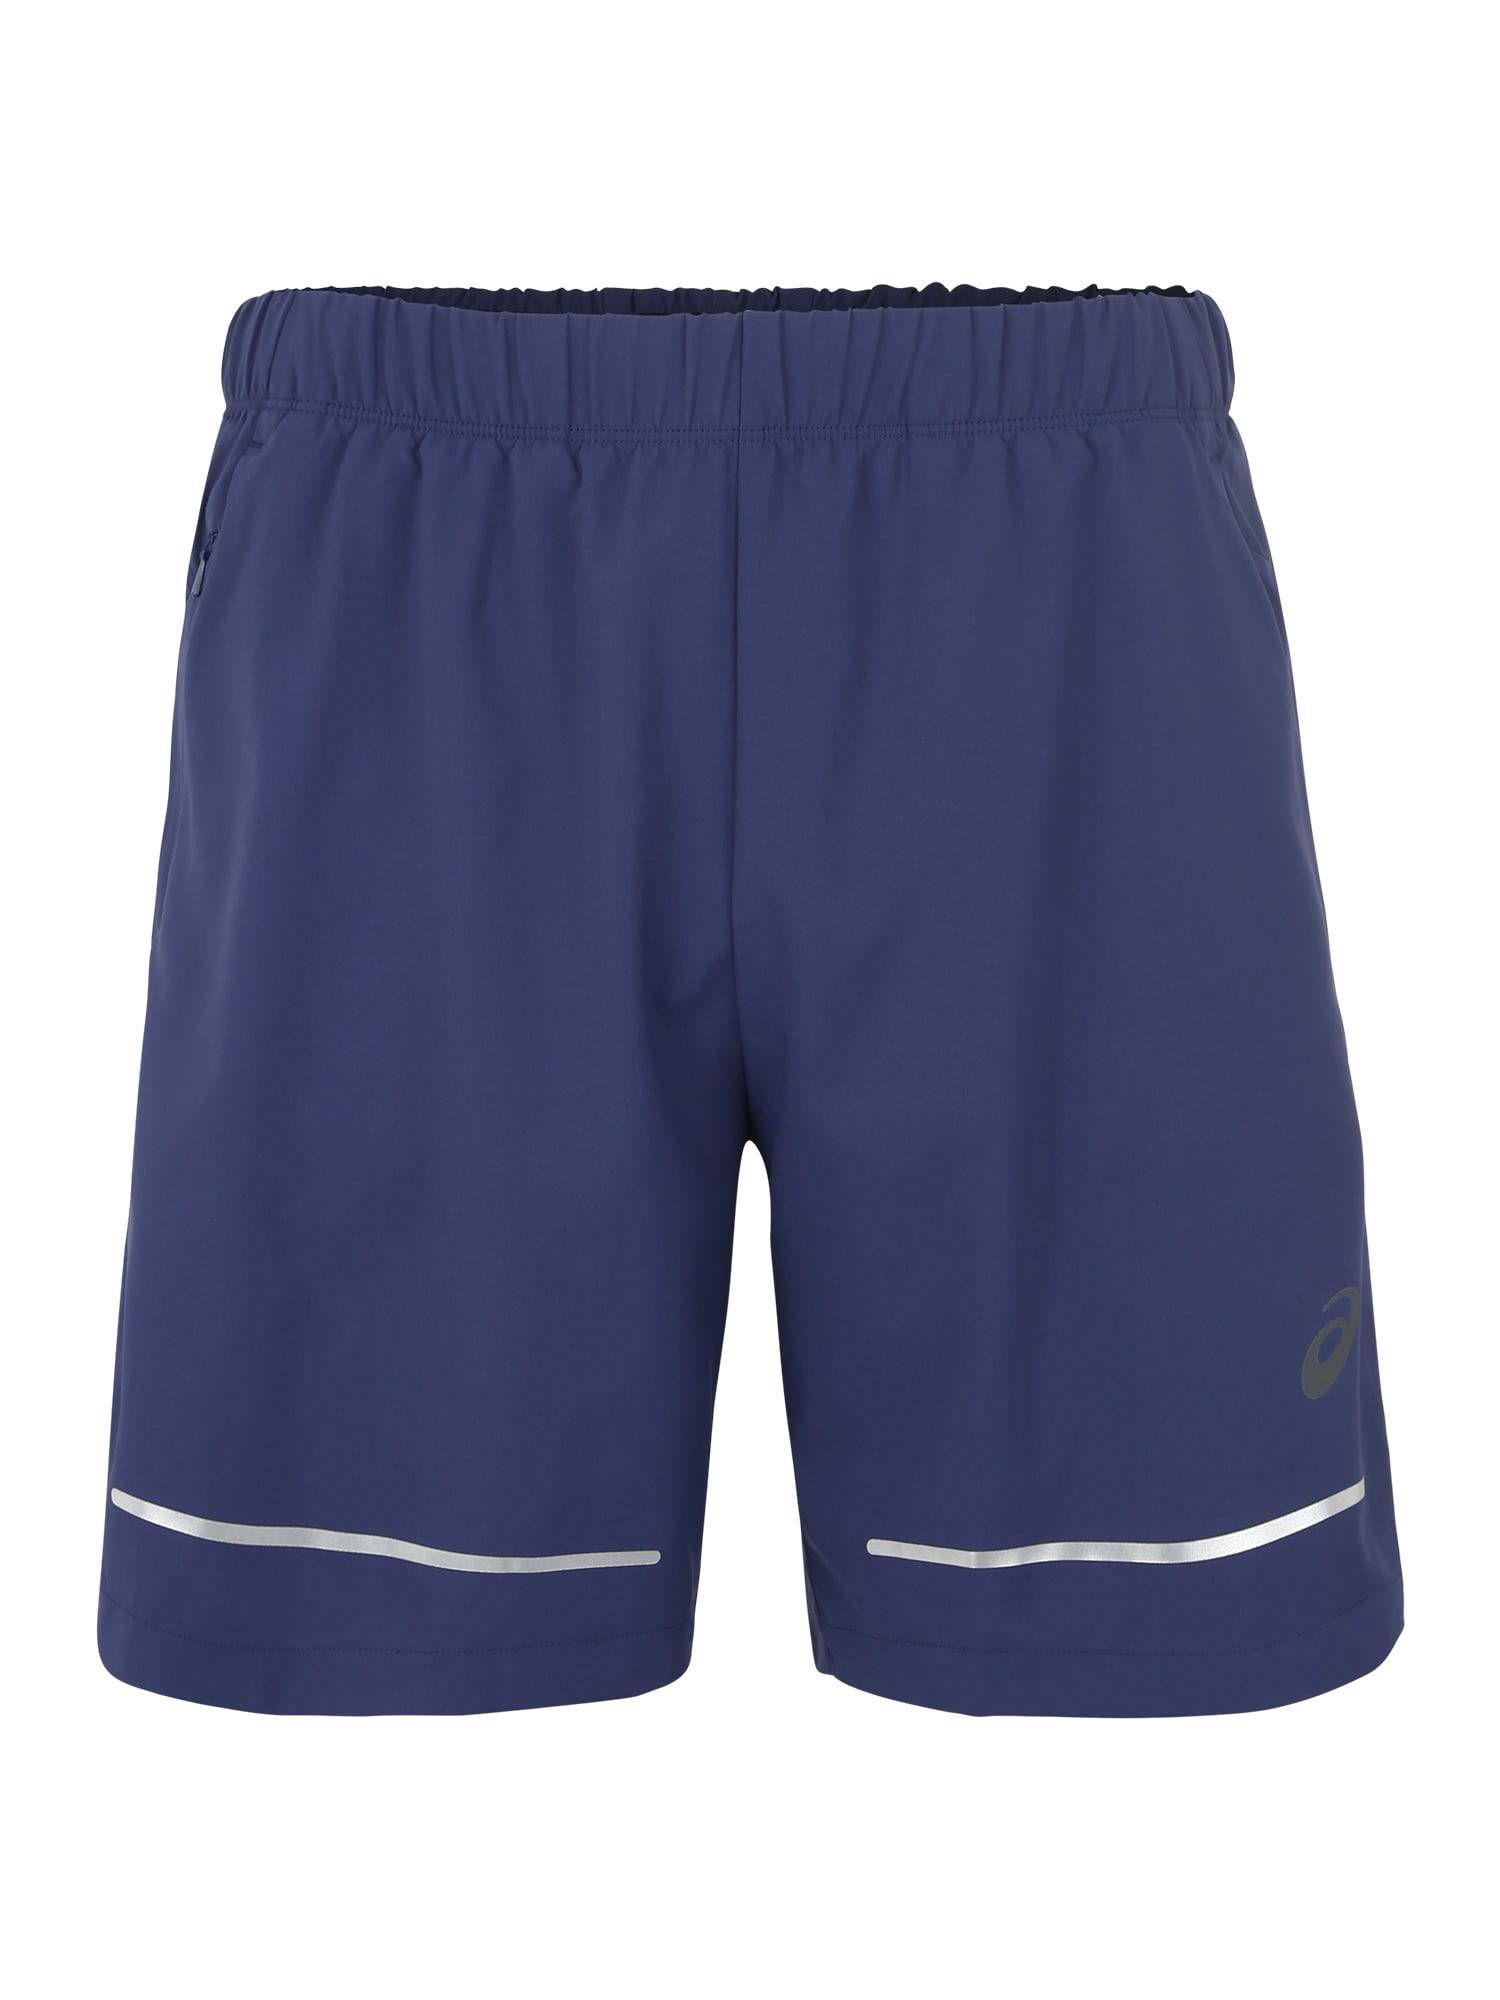 Sportovní kalhoty LITE-SHOW 7IN SHORT tmavě modrá ASICS